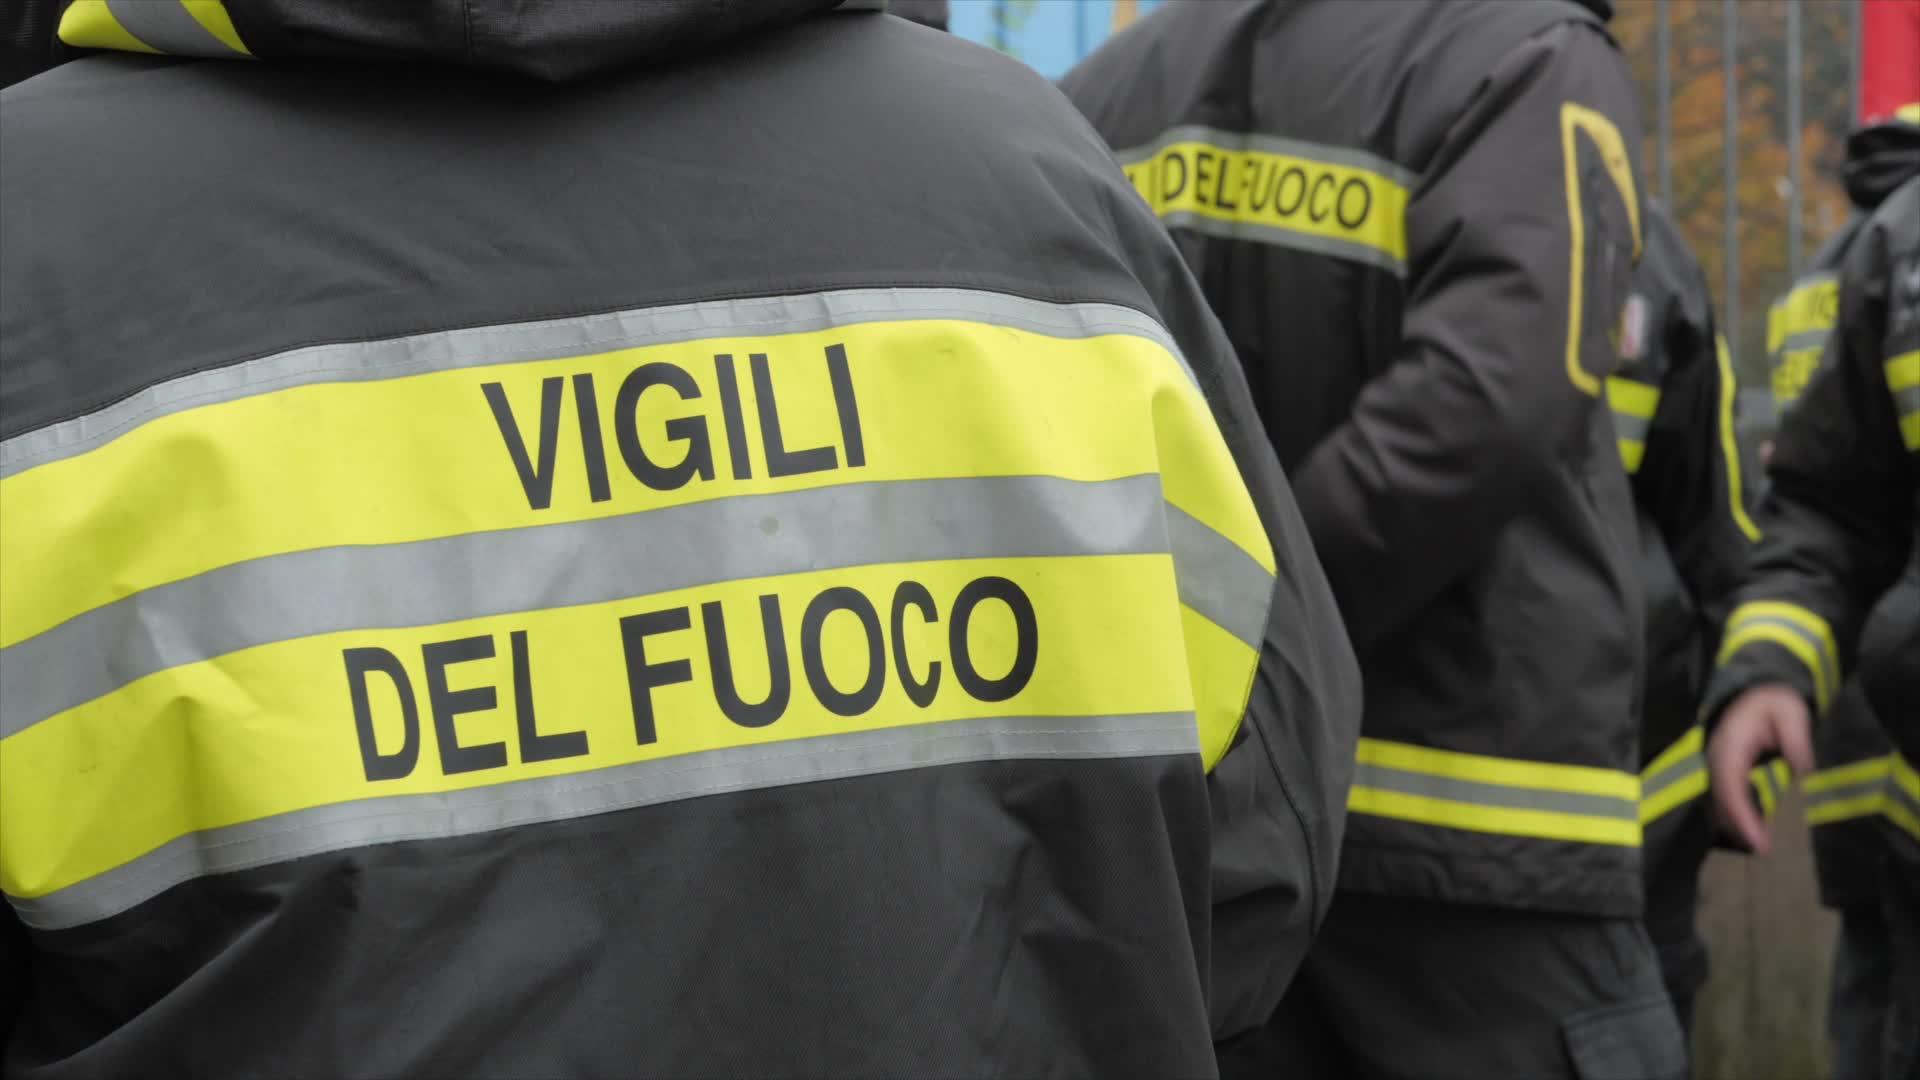 Video: I vigili del fuoco scendono in piazza